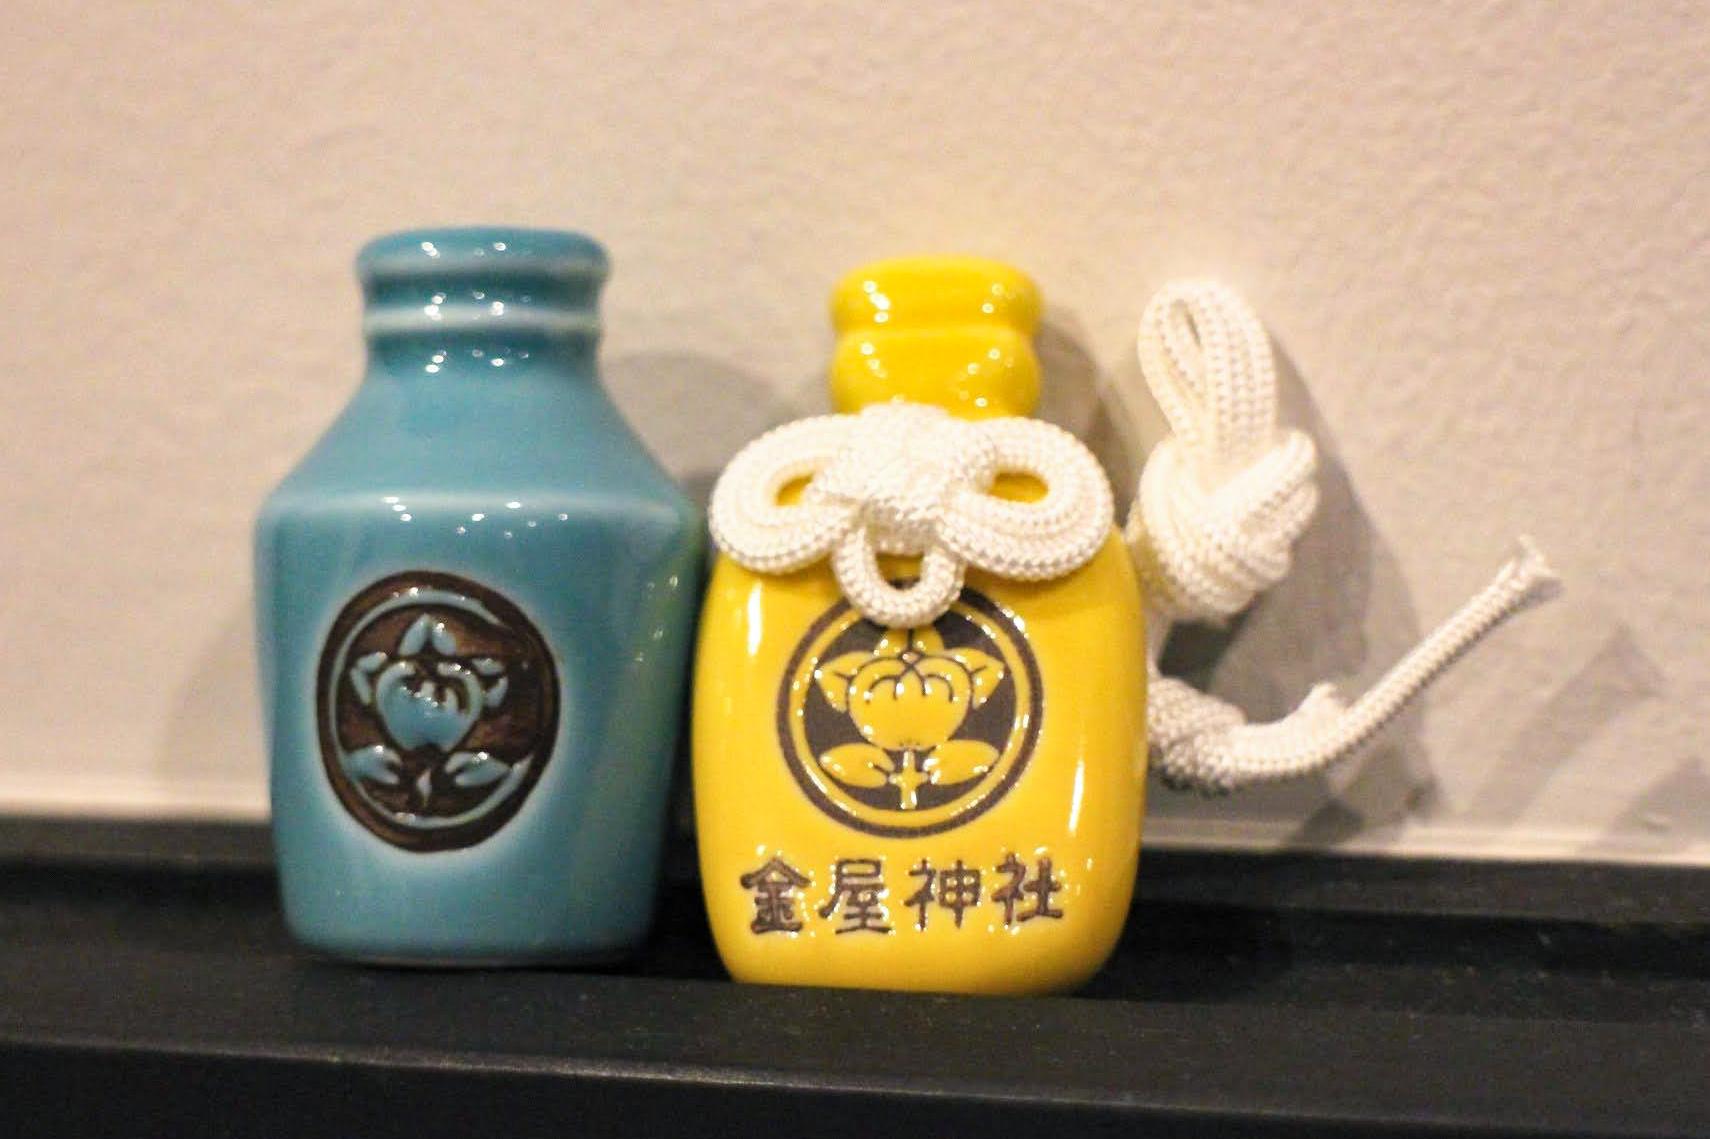 醤油やお酒を輸出する際に使用されたコンプラ瓶をモチーフに作られています